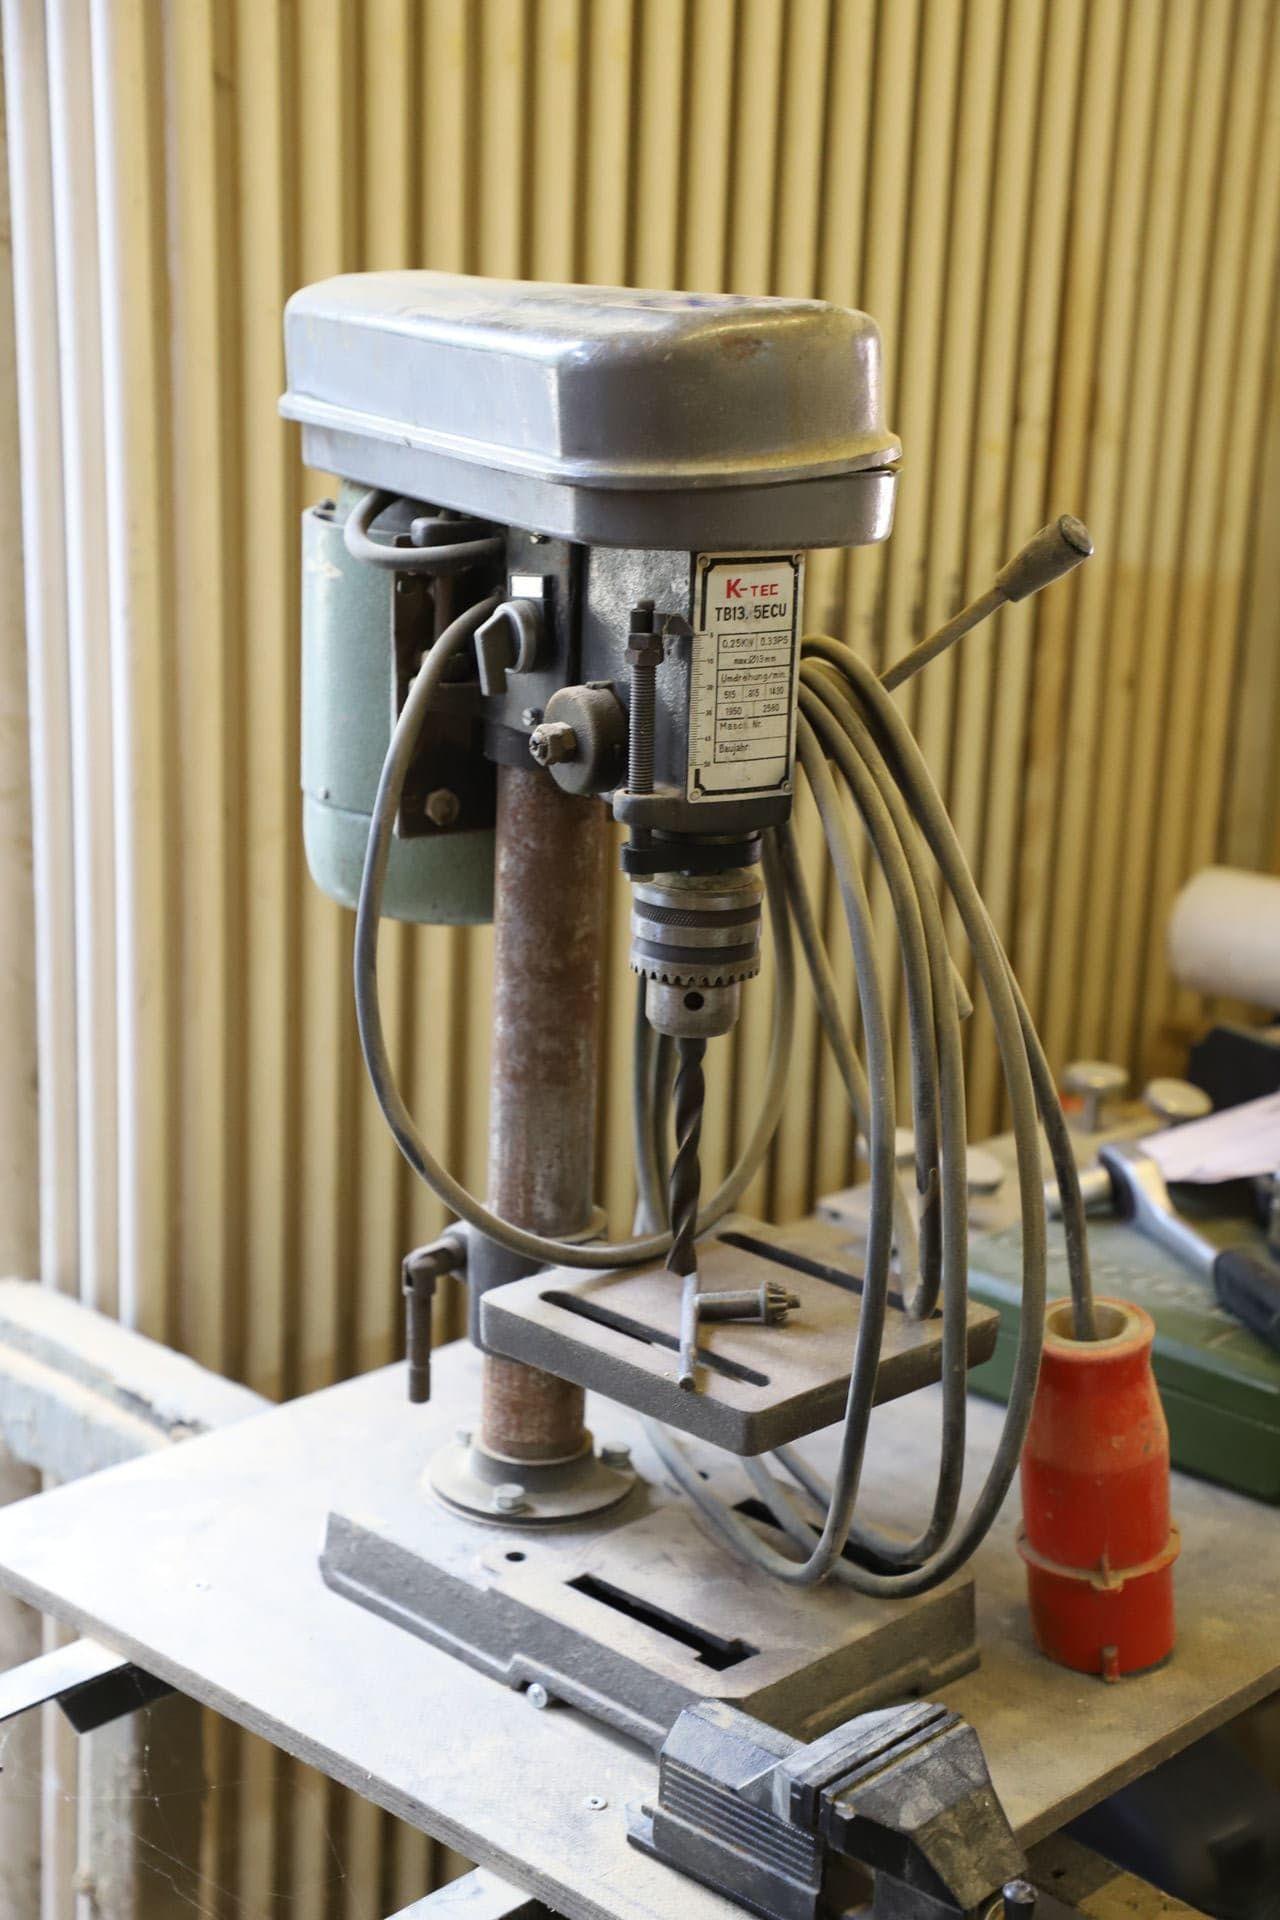 K-TEC TB 13 Tischbohrmaschine